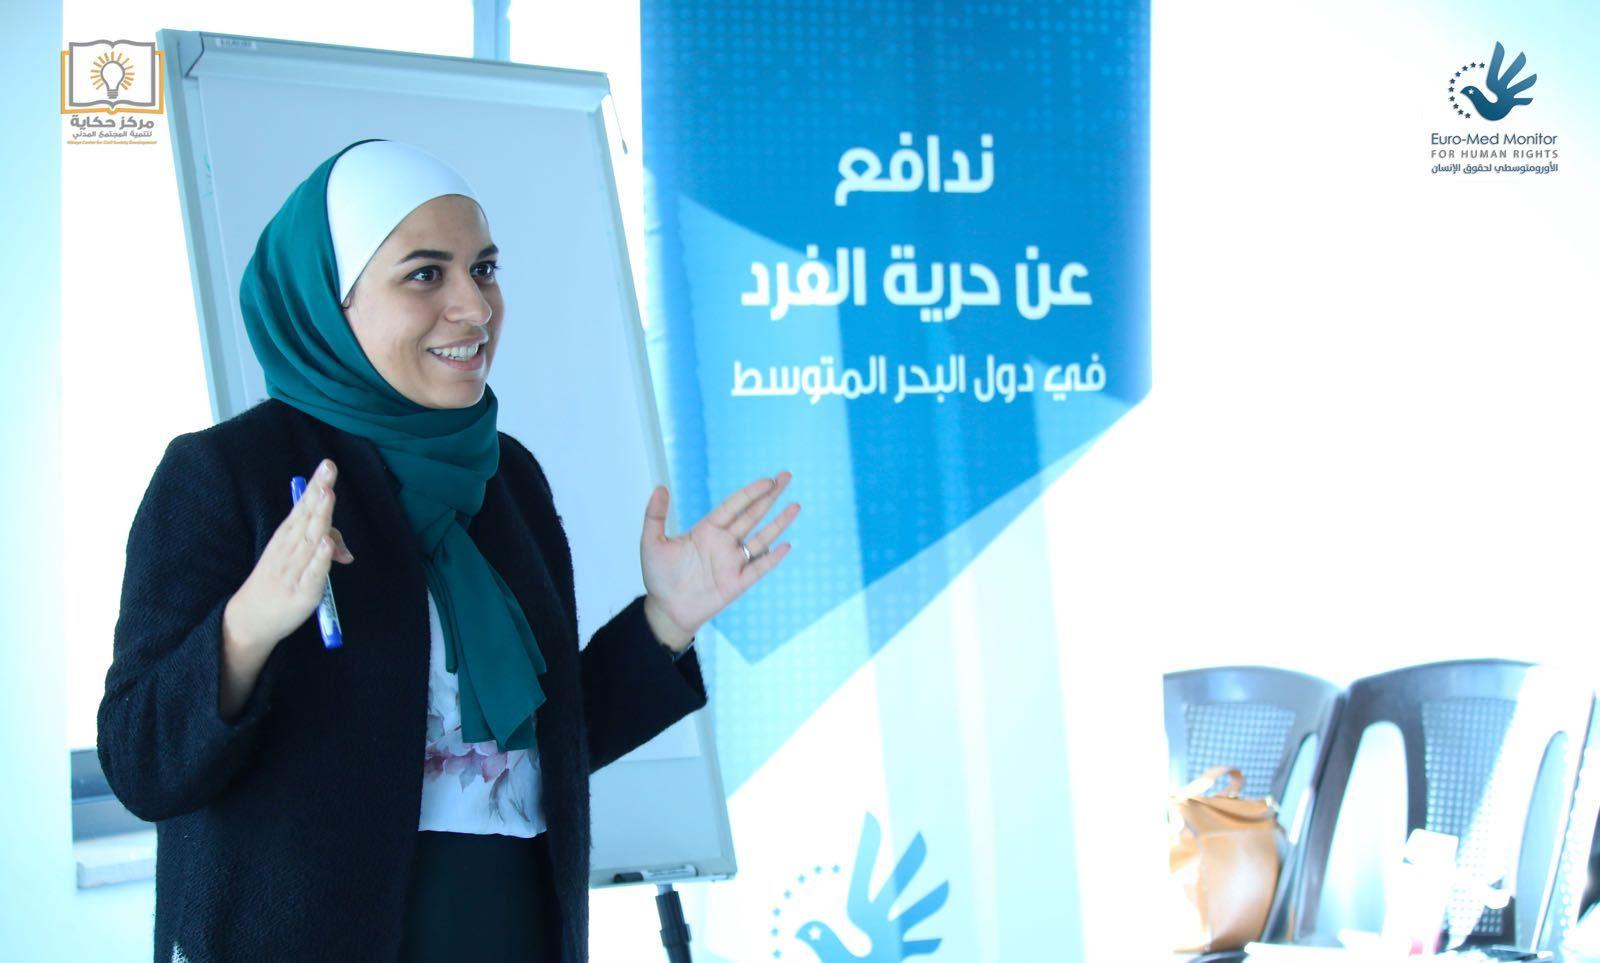 عمّان: عقد ورشة عمل حول حماية حرية وسلامة الصحفيين في القانون الدولي والتشريعات الوطنية